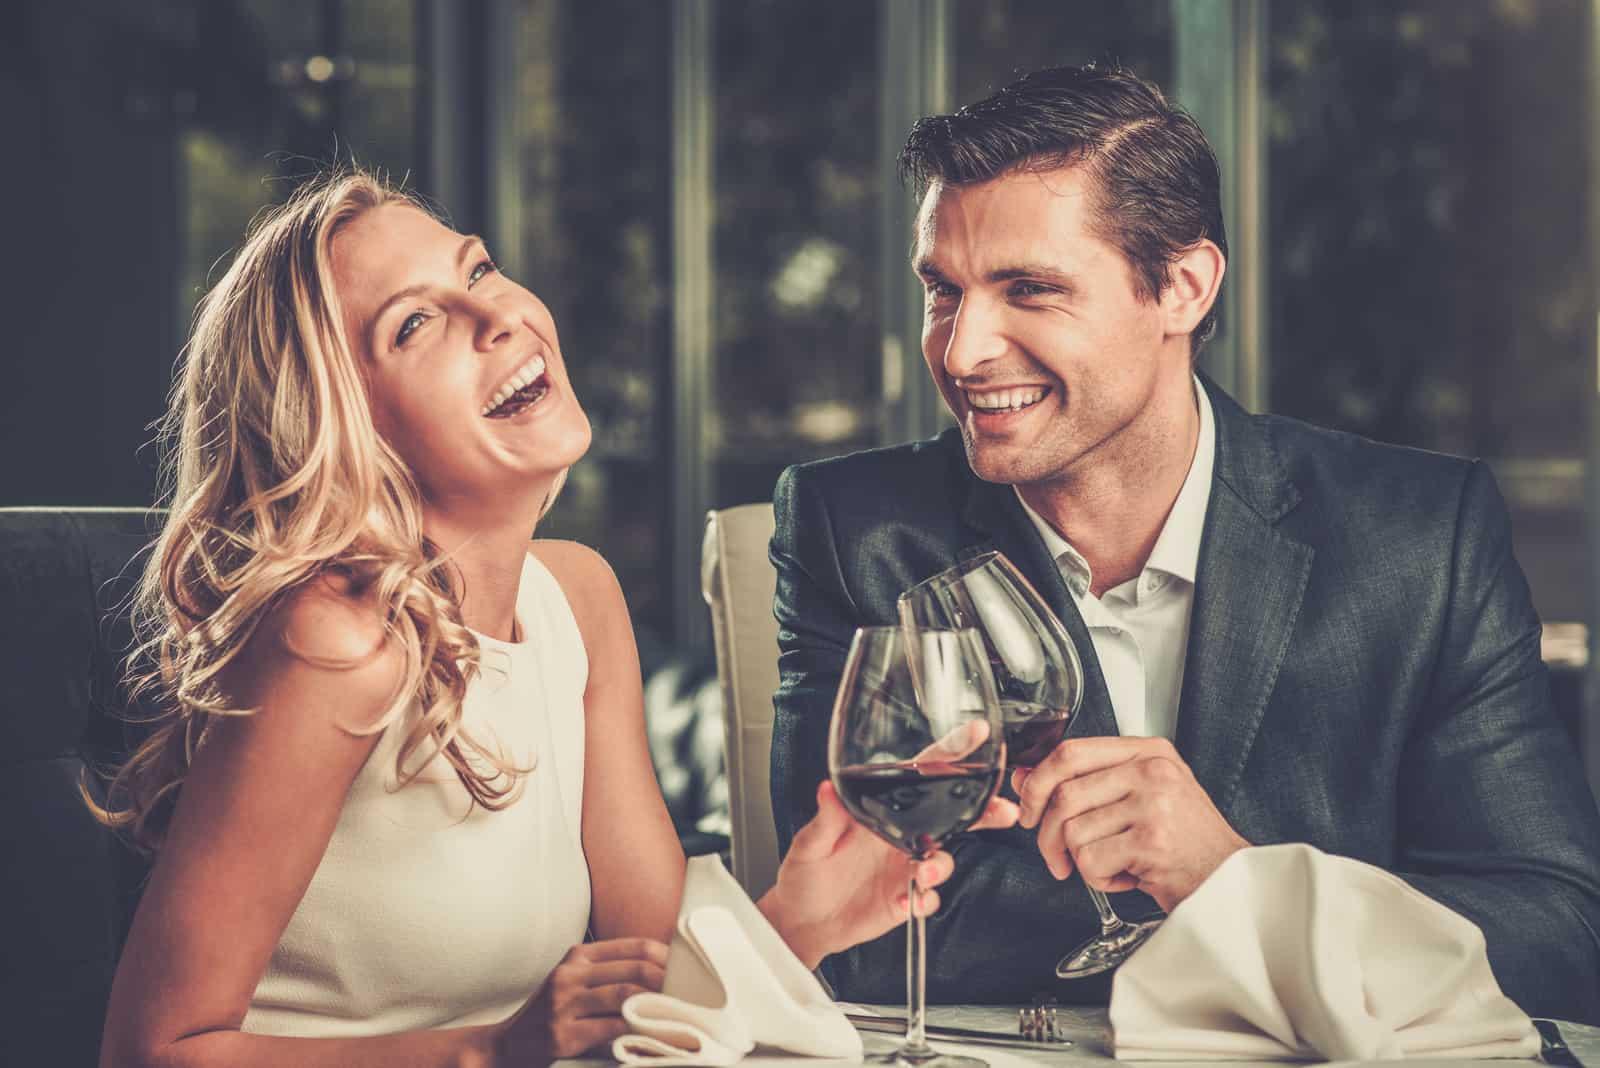 un homme et une femme souriants s'assoient et boivent du vin